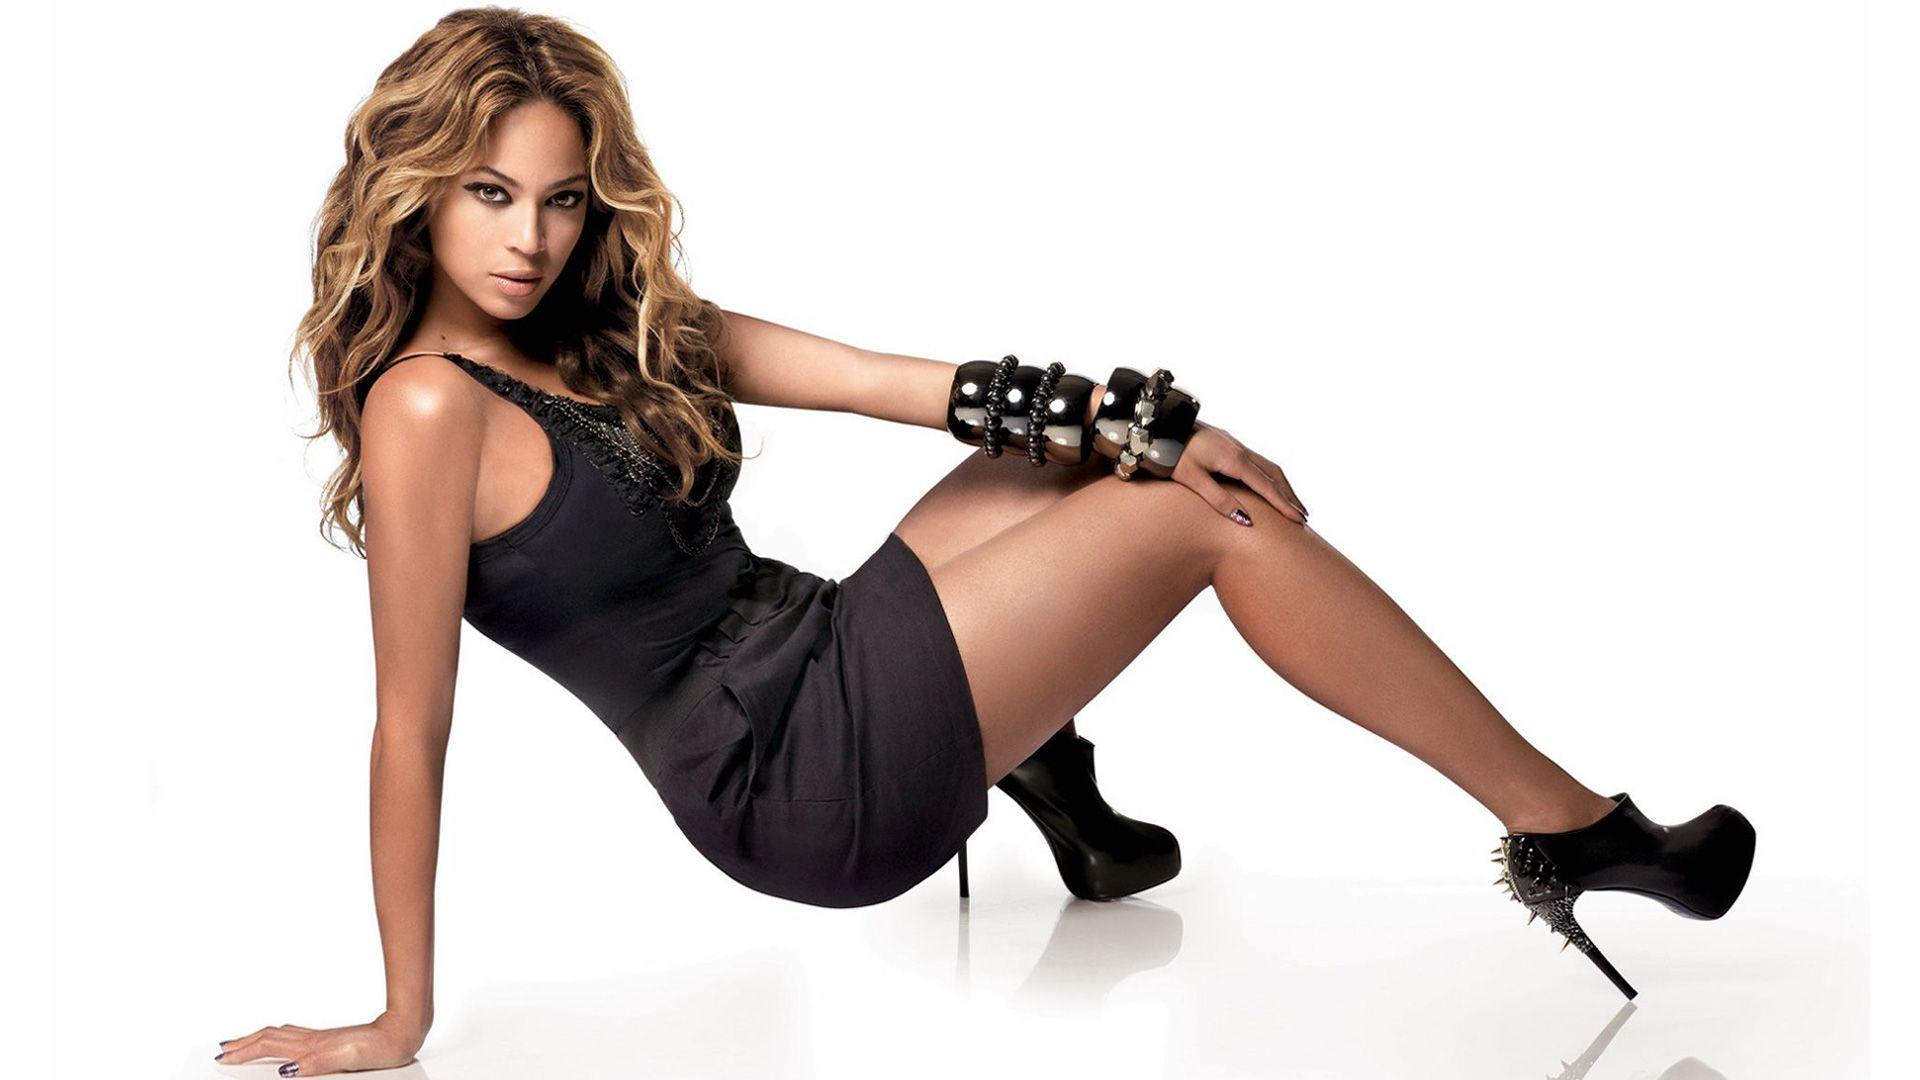 sexy beyonce HD wallpaper Mayco Oil Beyonce, Beyonce